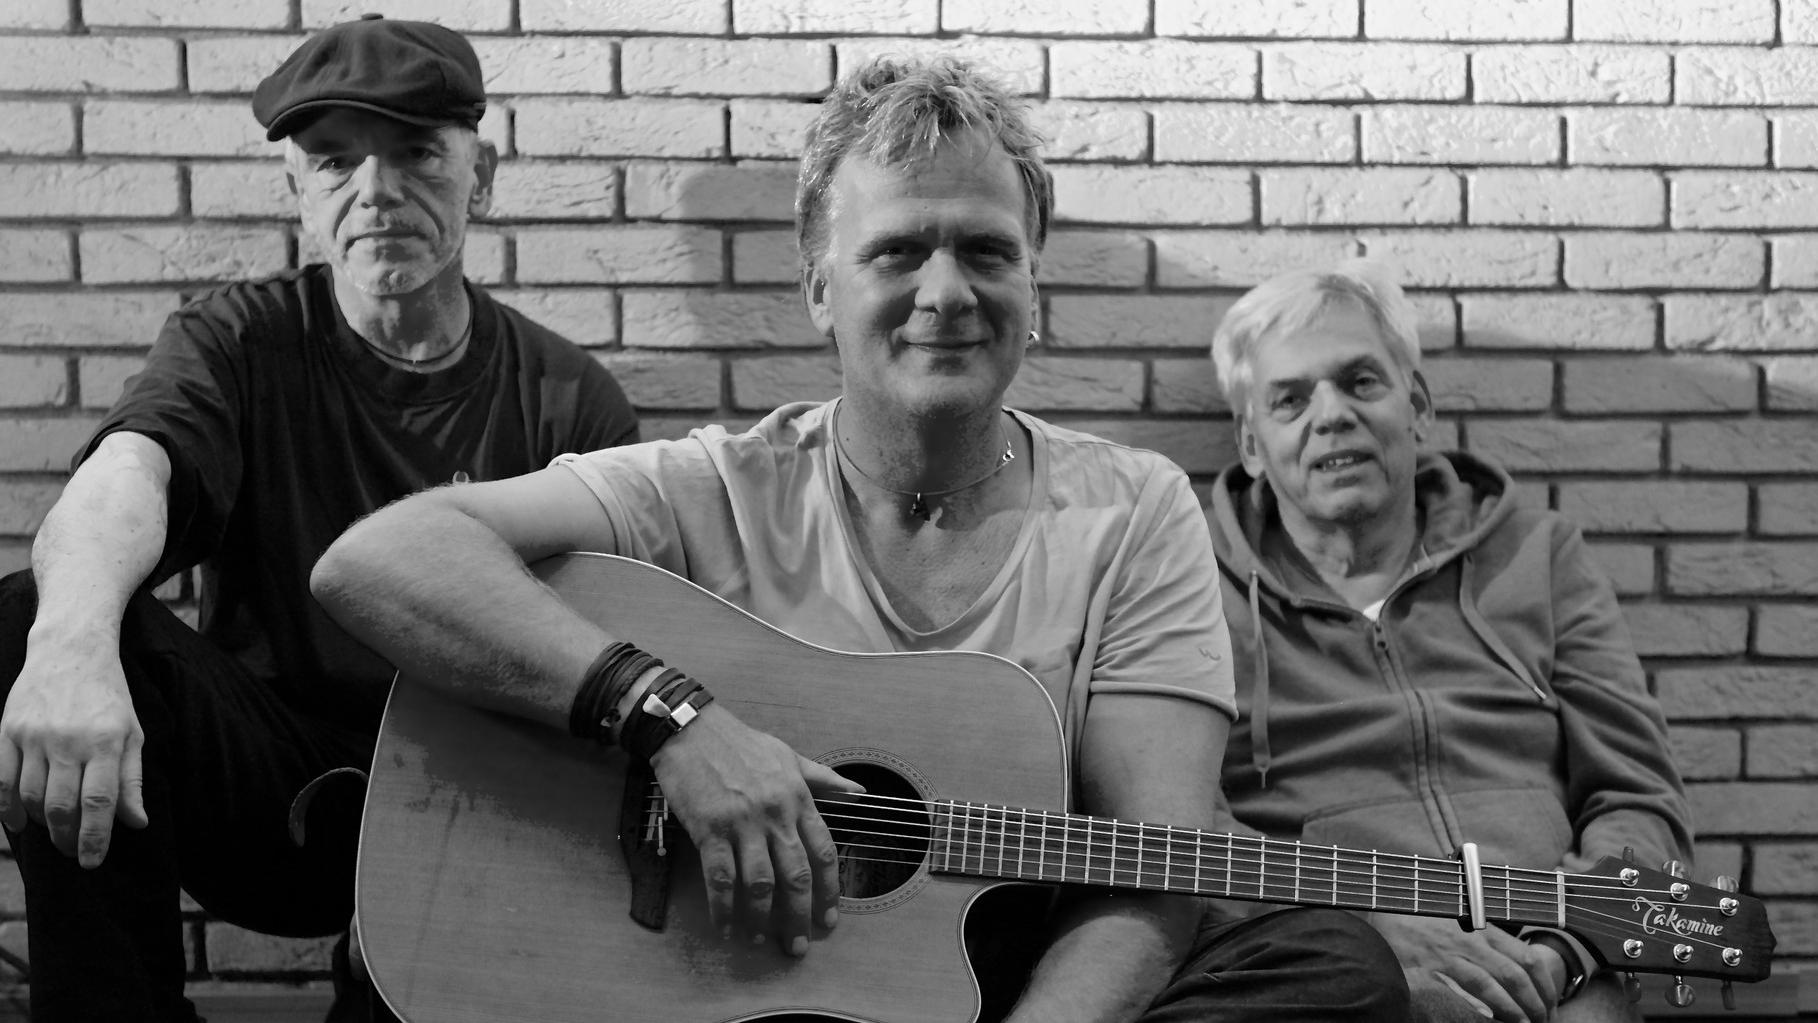 Band von ulf hartmann. Livemusik (Singer-Songwriter) aus Braunschweig. Fotos: André Pause, Udo Eisenbarth, Angelika Stück